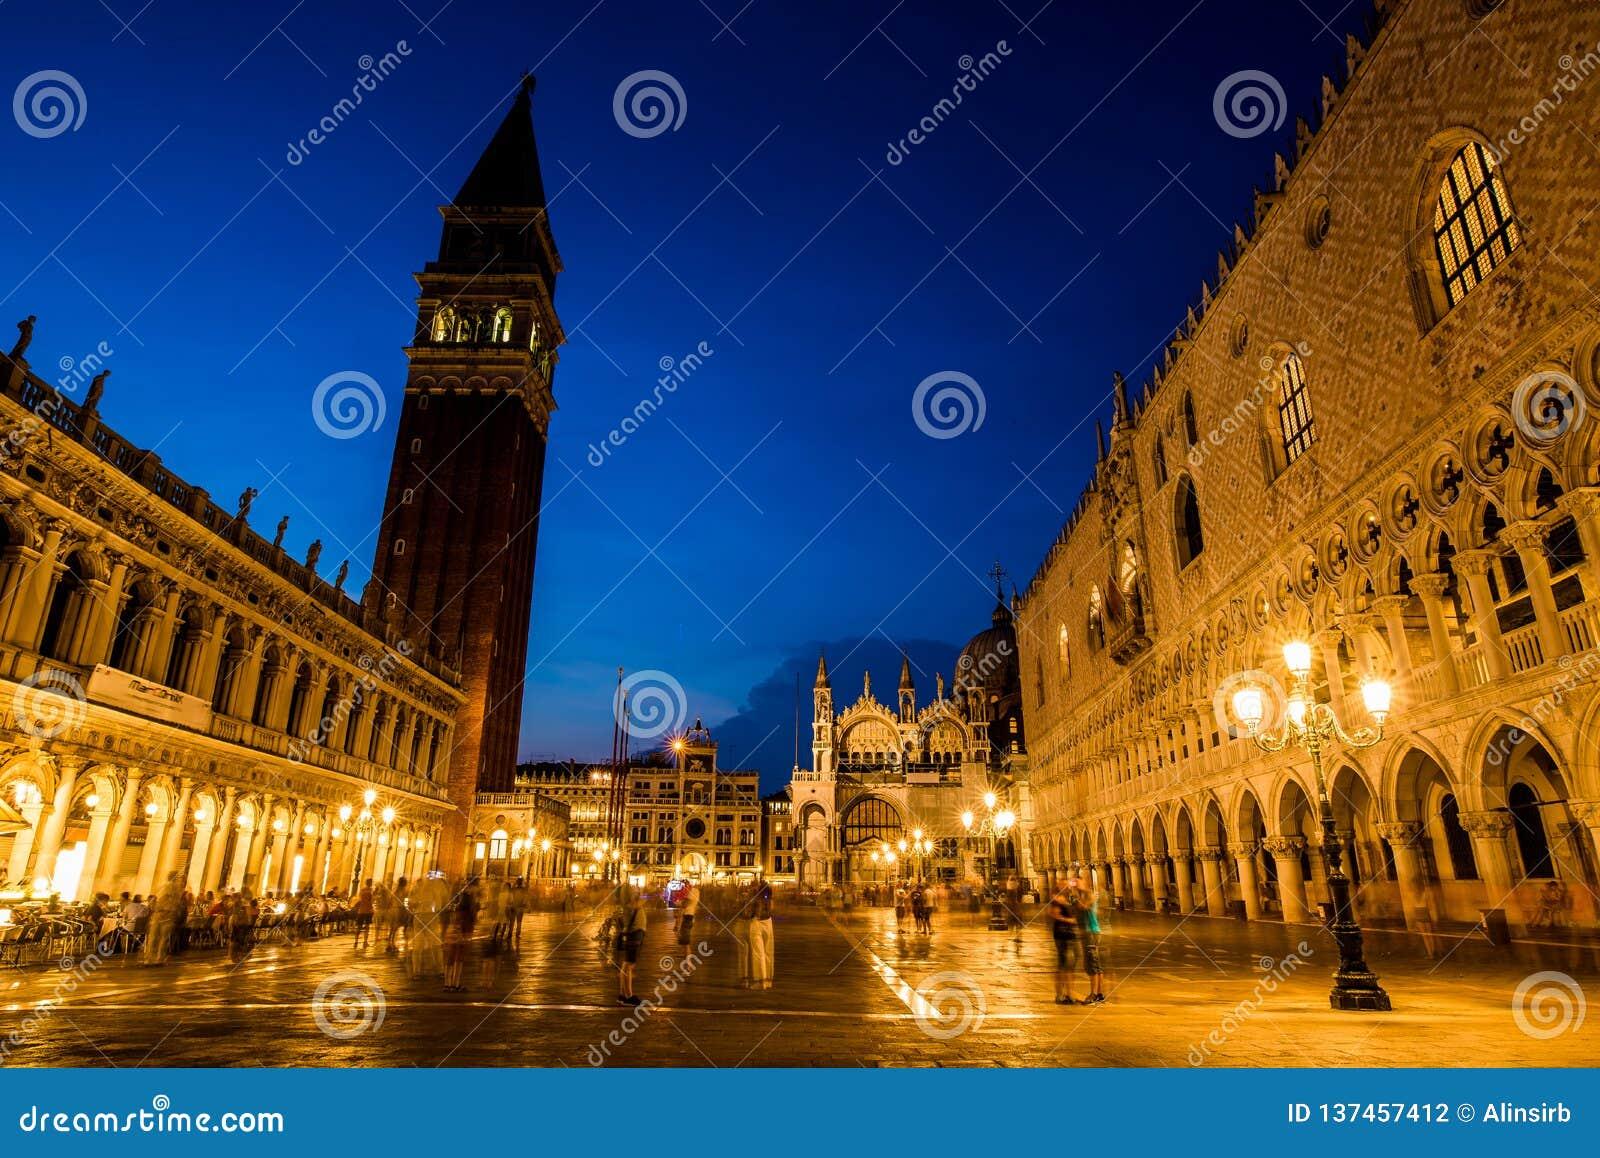 Gang bij nacht op de straten van Venetië